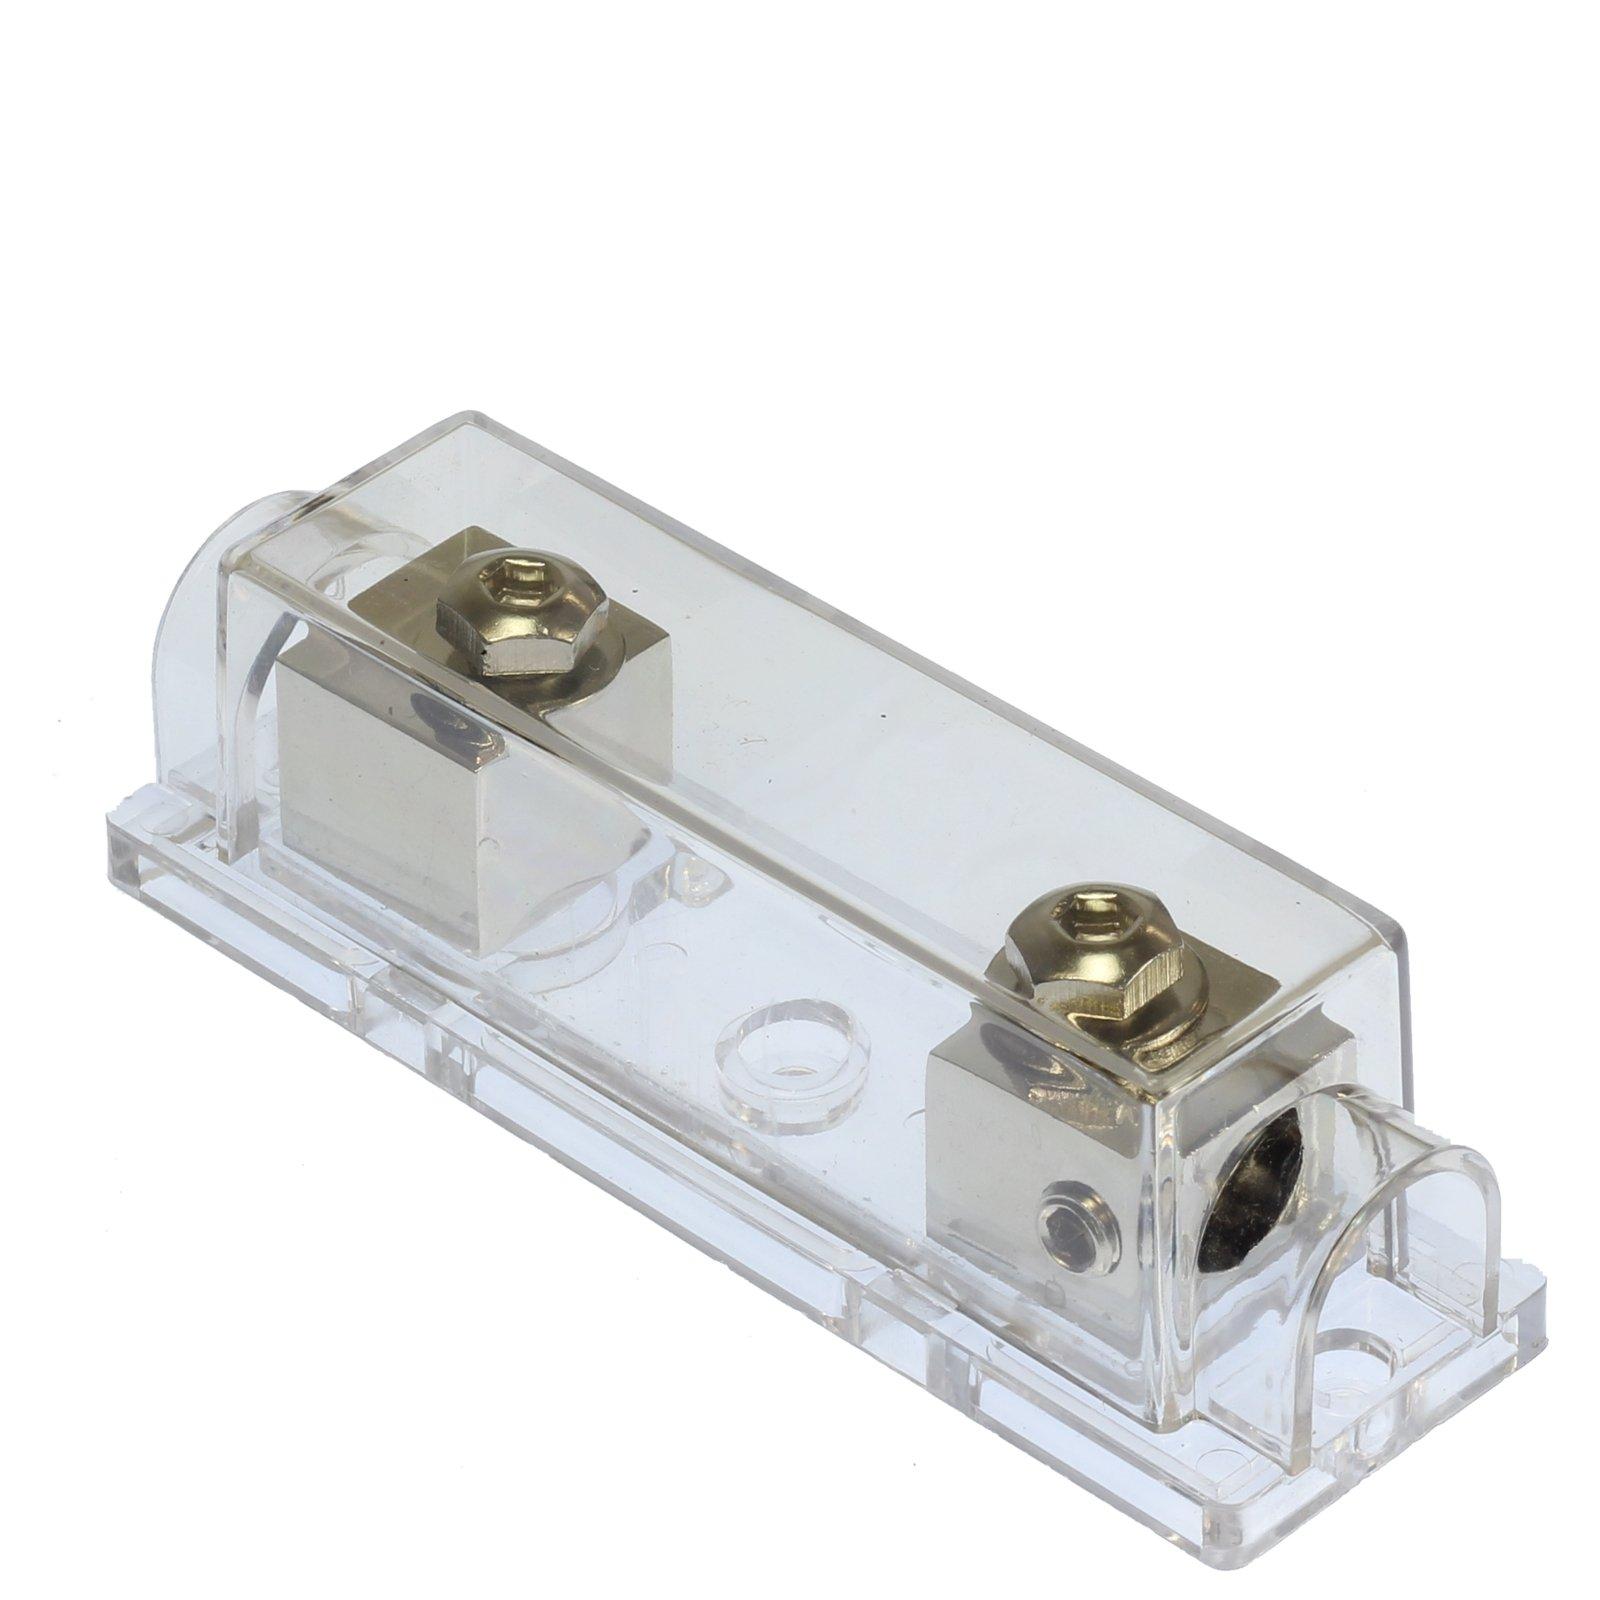 (1) 350 AMP ANL Fuse & (1) Inline Fuseholder Battery Install Kit 1/0 Gauge 1FT by 12voltnet (Image #4)